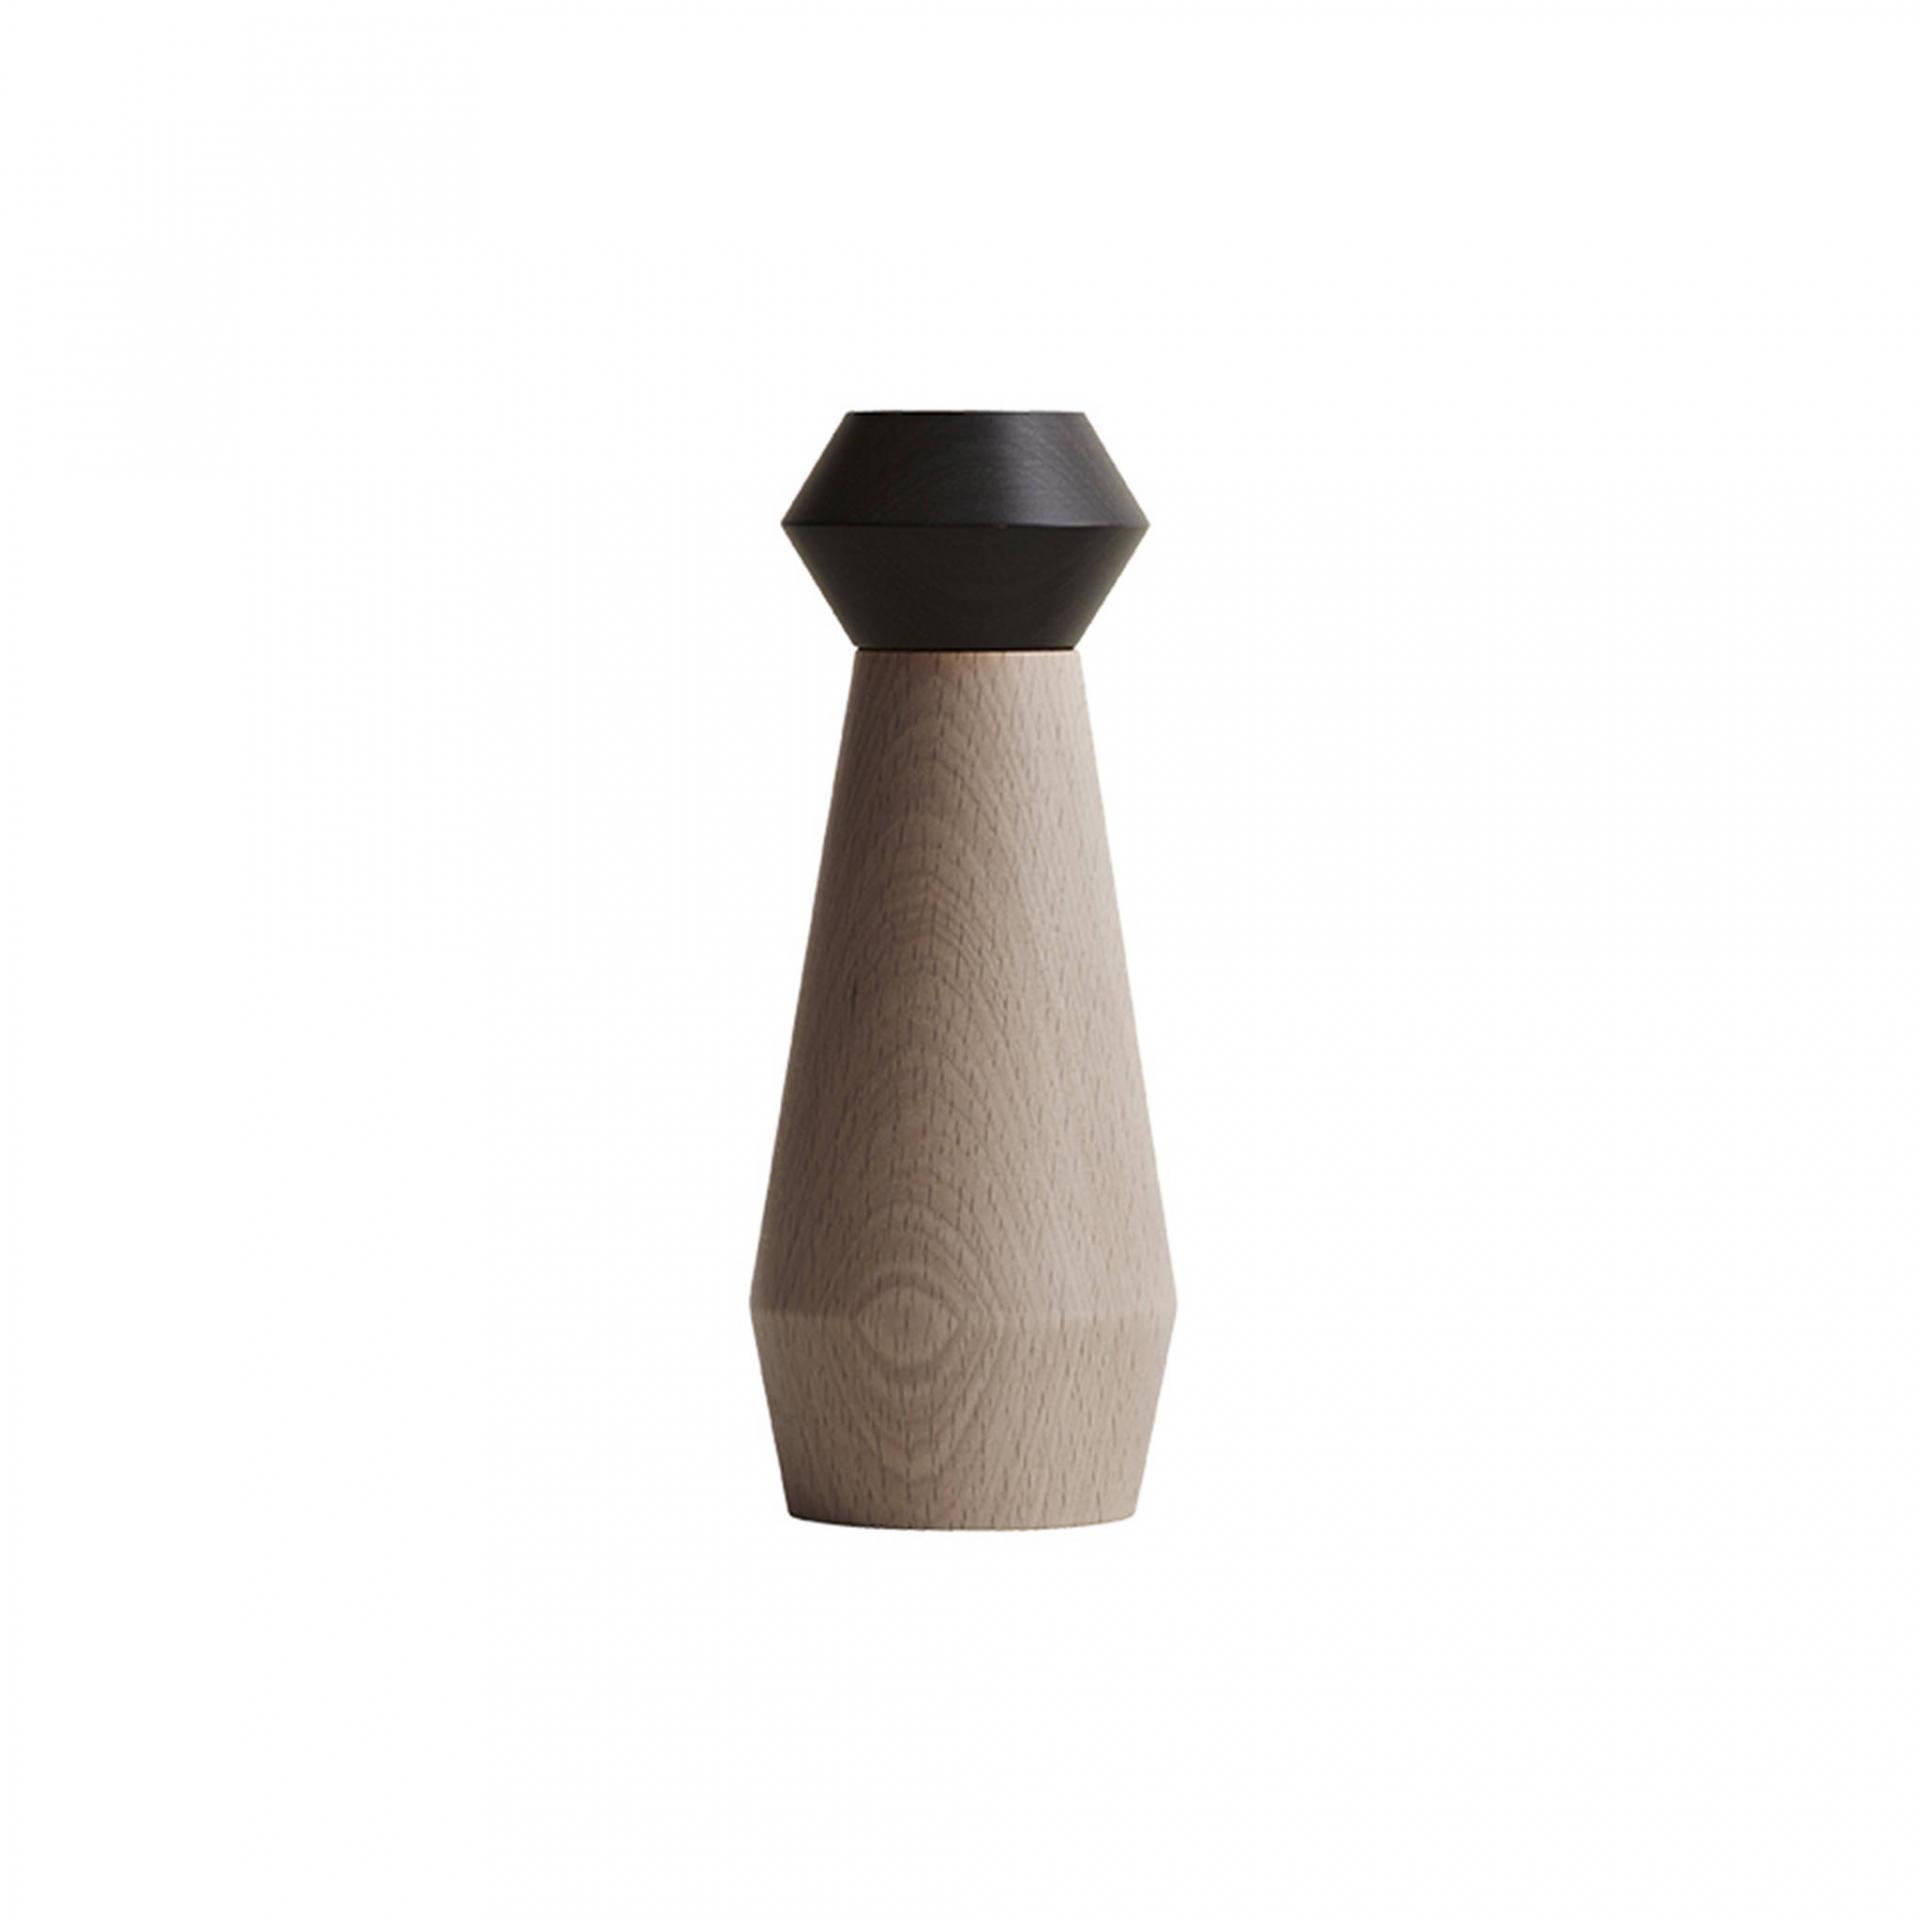 OYOY Dřevěný mlýnek na sůl či pepř Black, černá barva, hnědá barva, dřevo